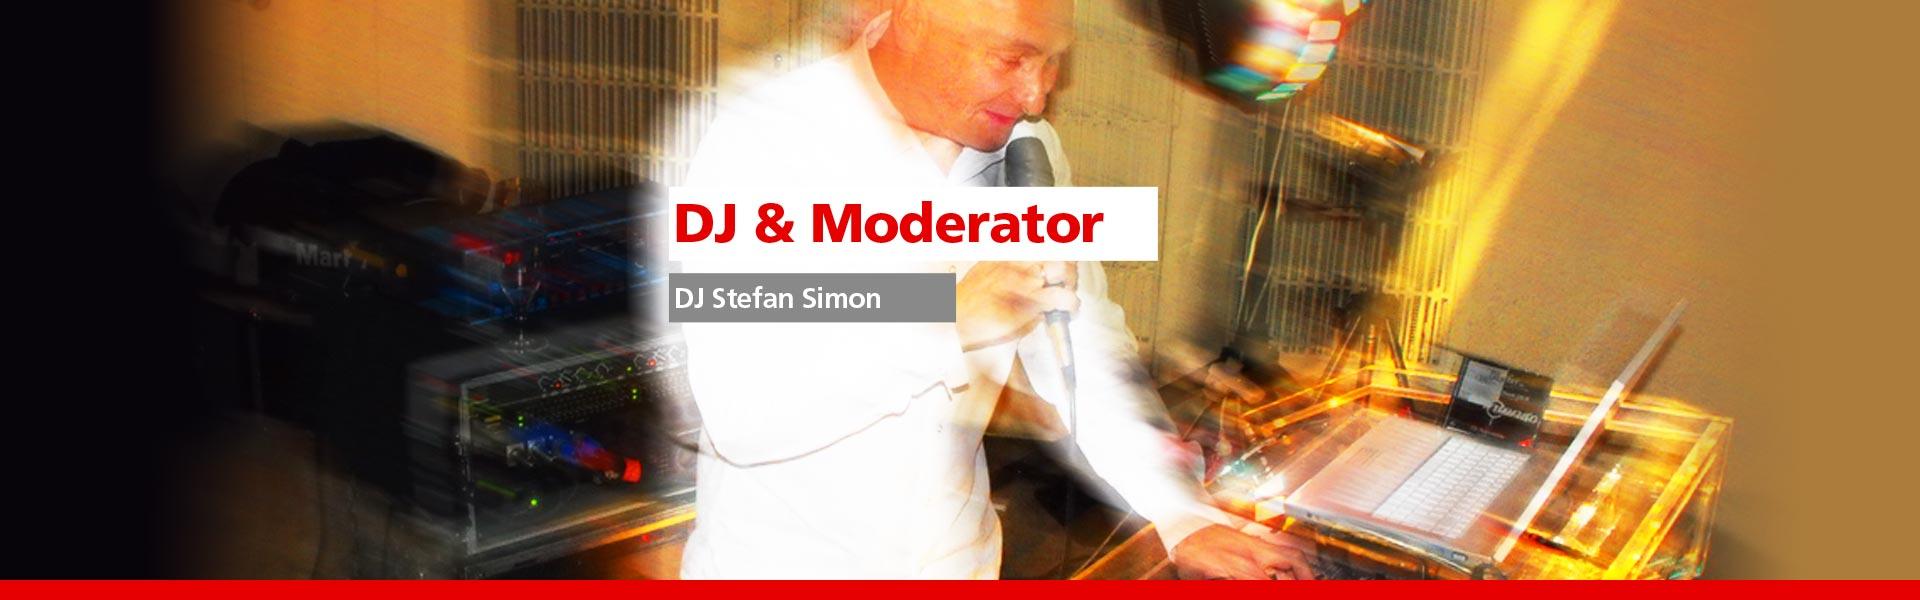 http://www.stefansimon.de/wp-content/uploads/2014/02/Slider_1920x600px_MobilDJ-NEU-1.jpg